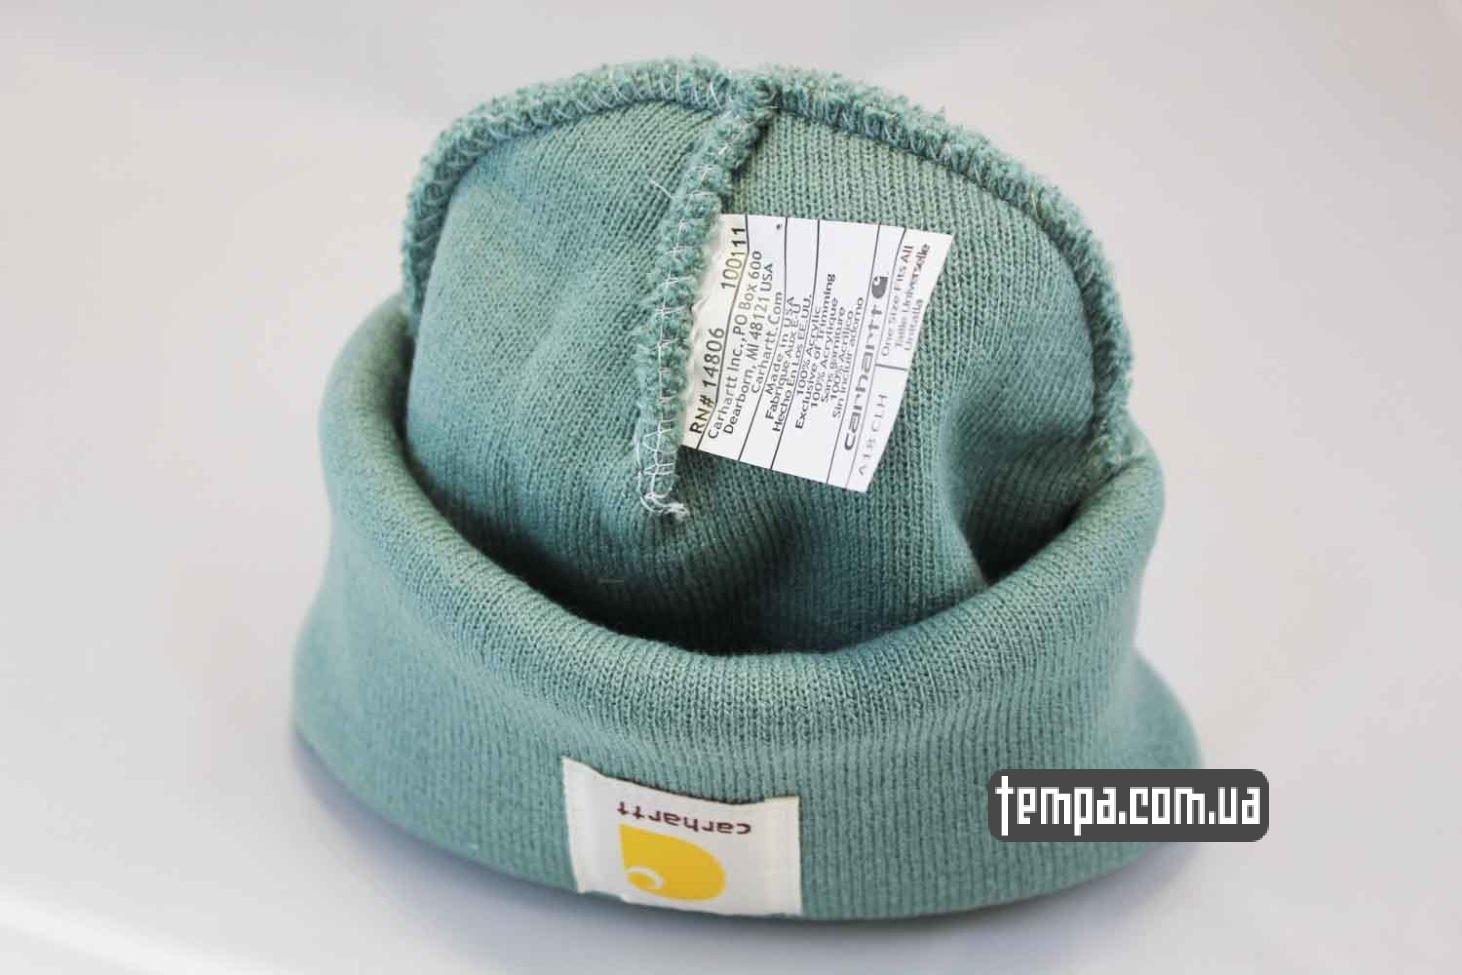 где купить оригинальную одежду carhartt шапка beanie Carhartt зеленая оригинал купить